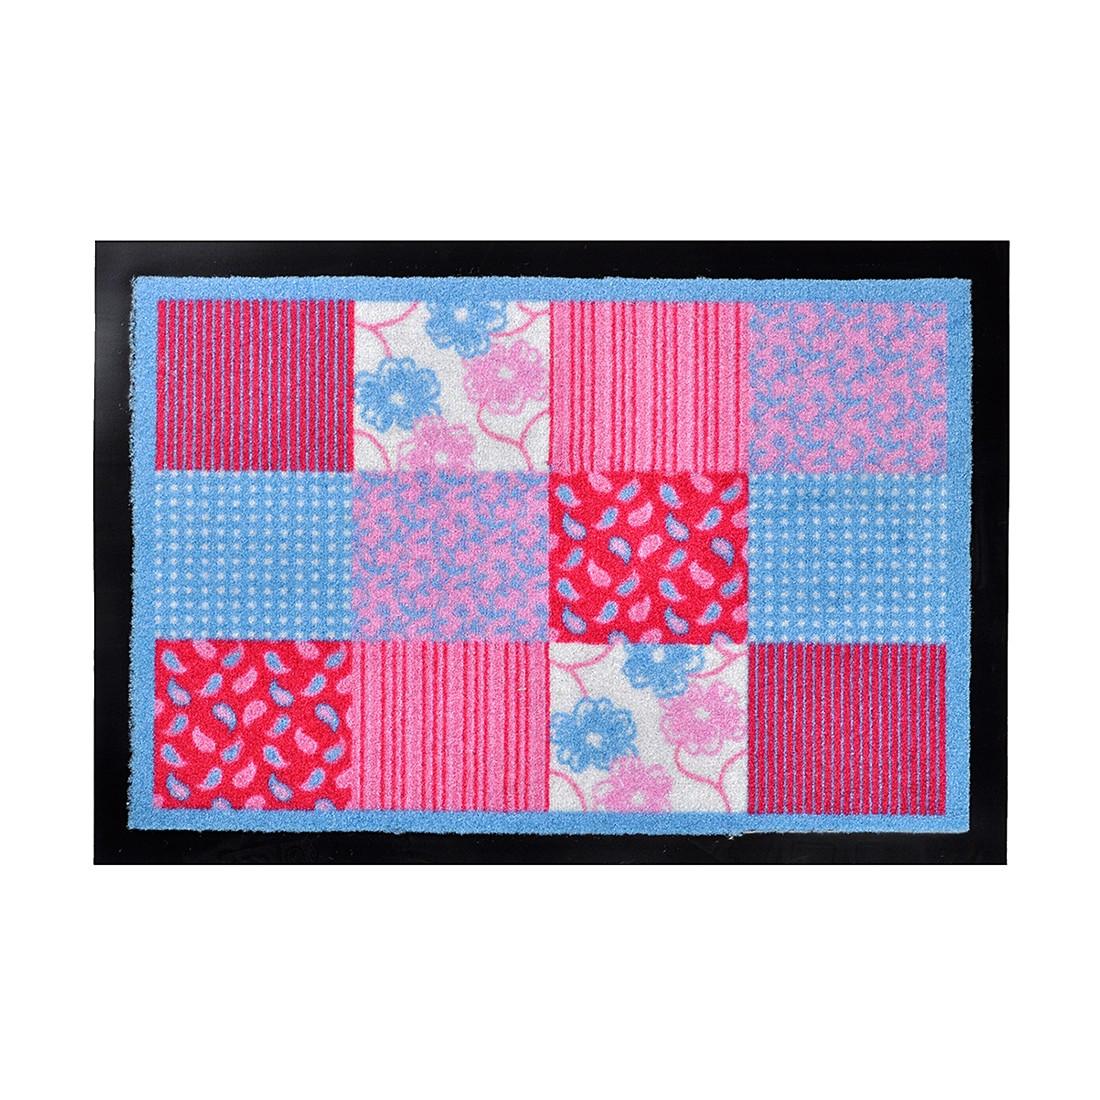 Fußmatte Printy Patchwork – Rot/Blau – 40 x 60 cm, Hanse Home Collection online kaufen